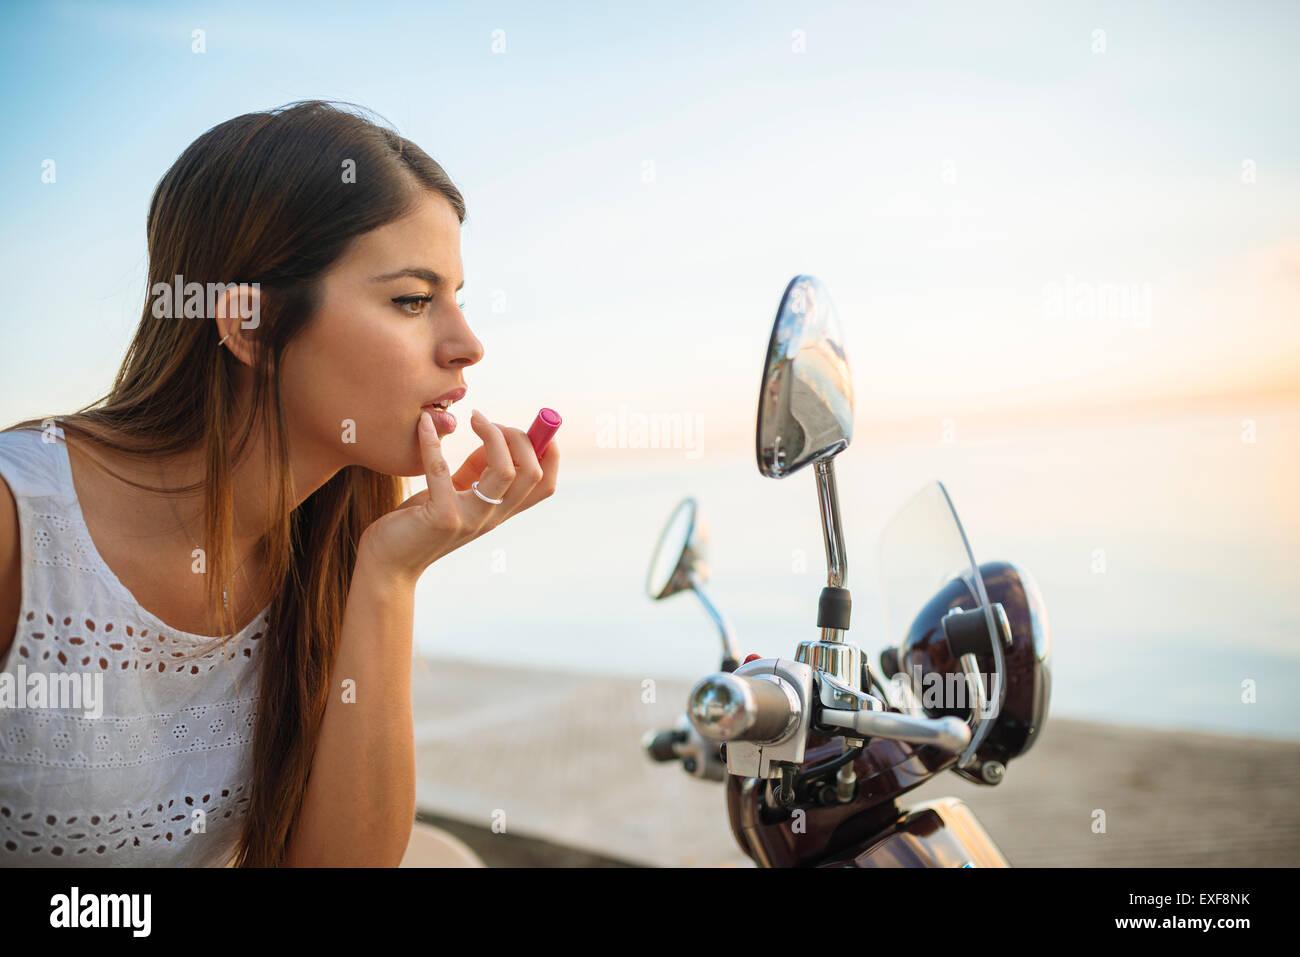 Mujer joven aplico maquillaje en motocicleta, espejo, Manila, Filipinas Imagen De Stock